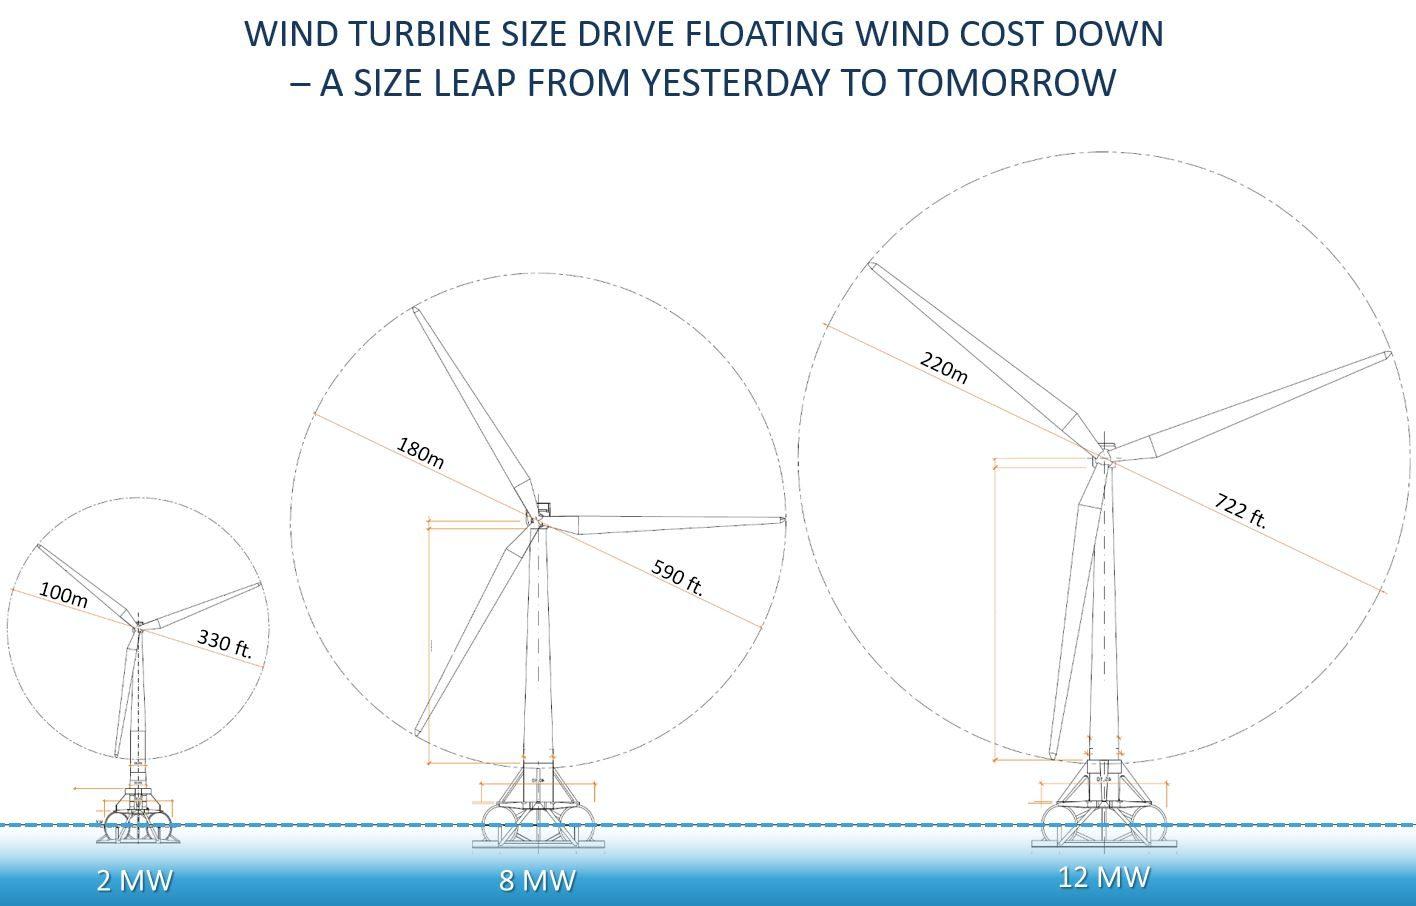 Turbine Sizes